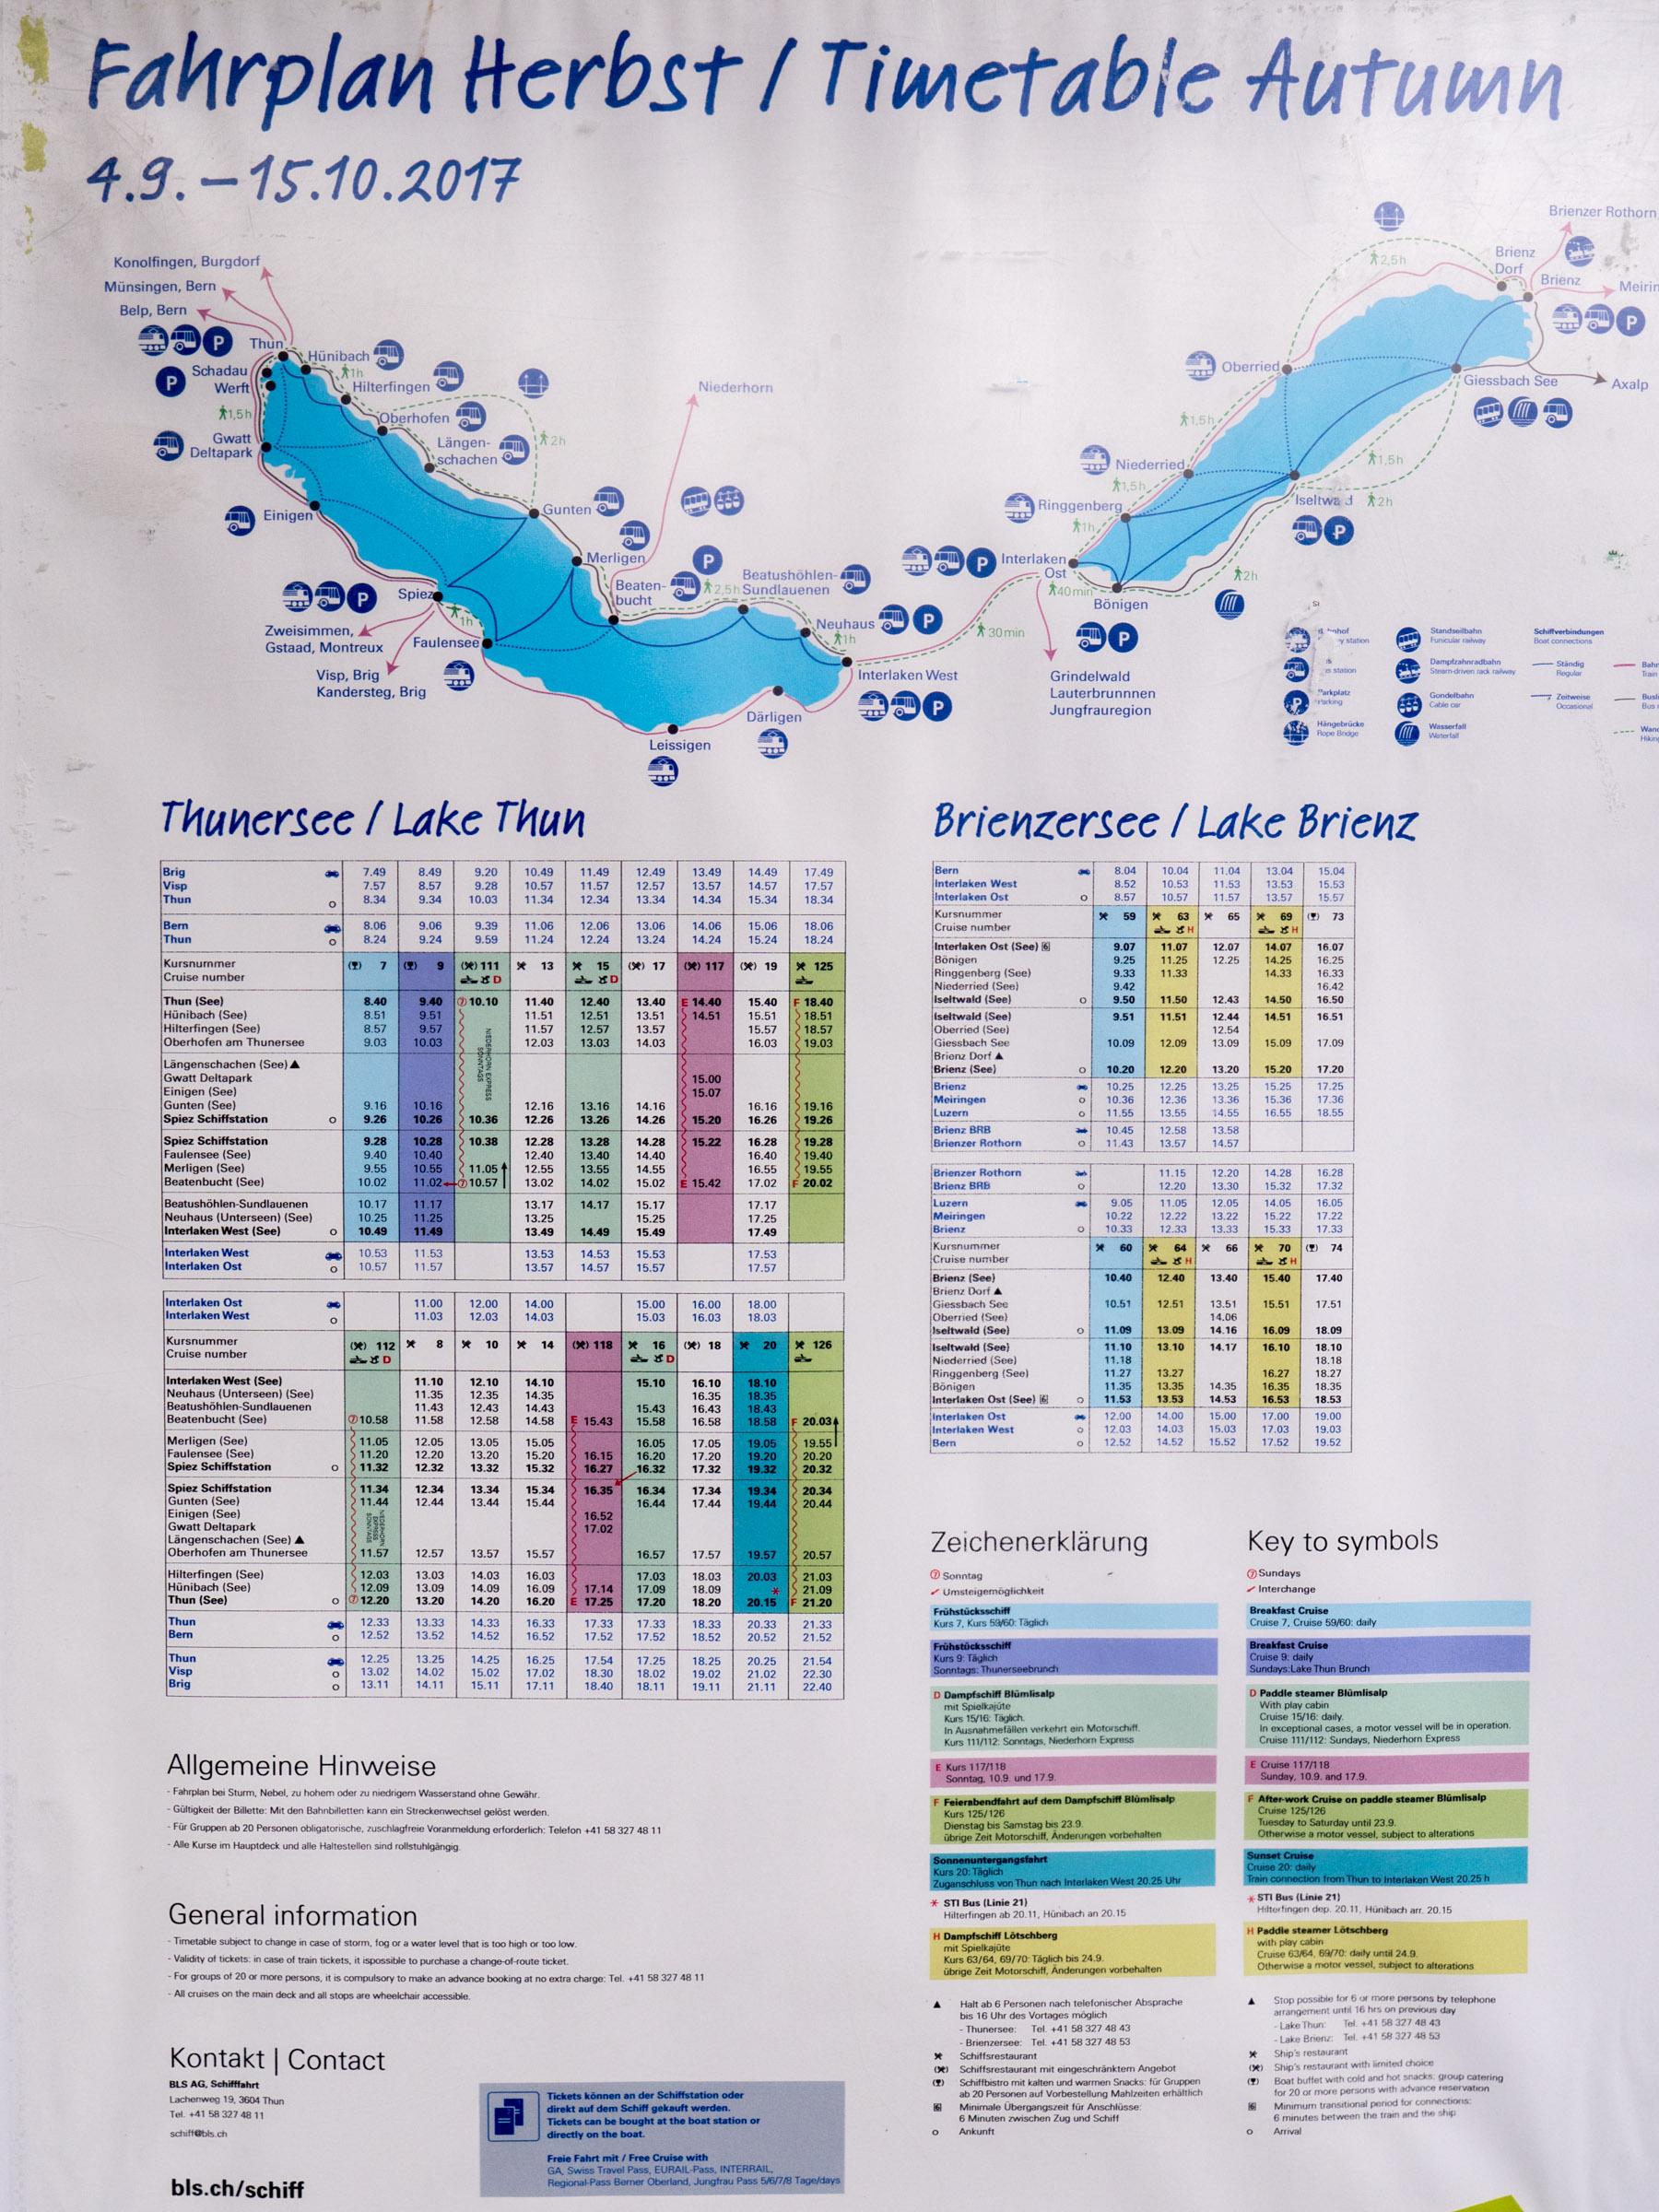 トゥーン湖連絡船の時刻表 DMC-GX8 + LEICA DG 12-60mm